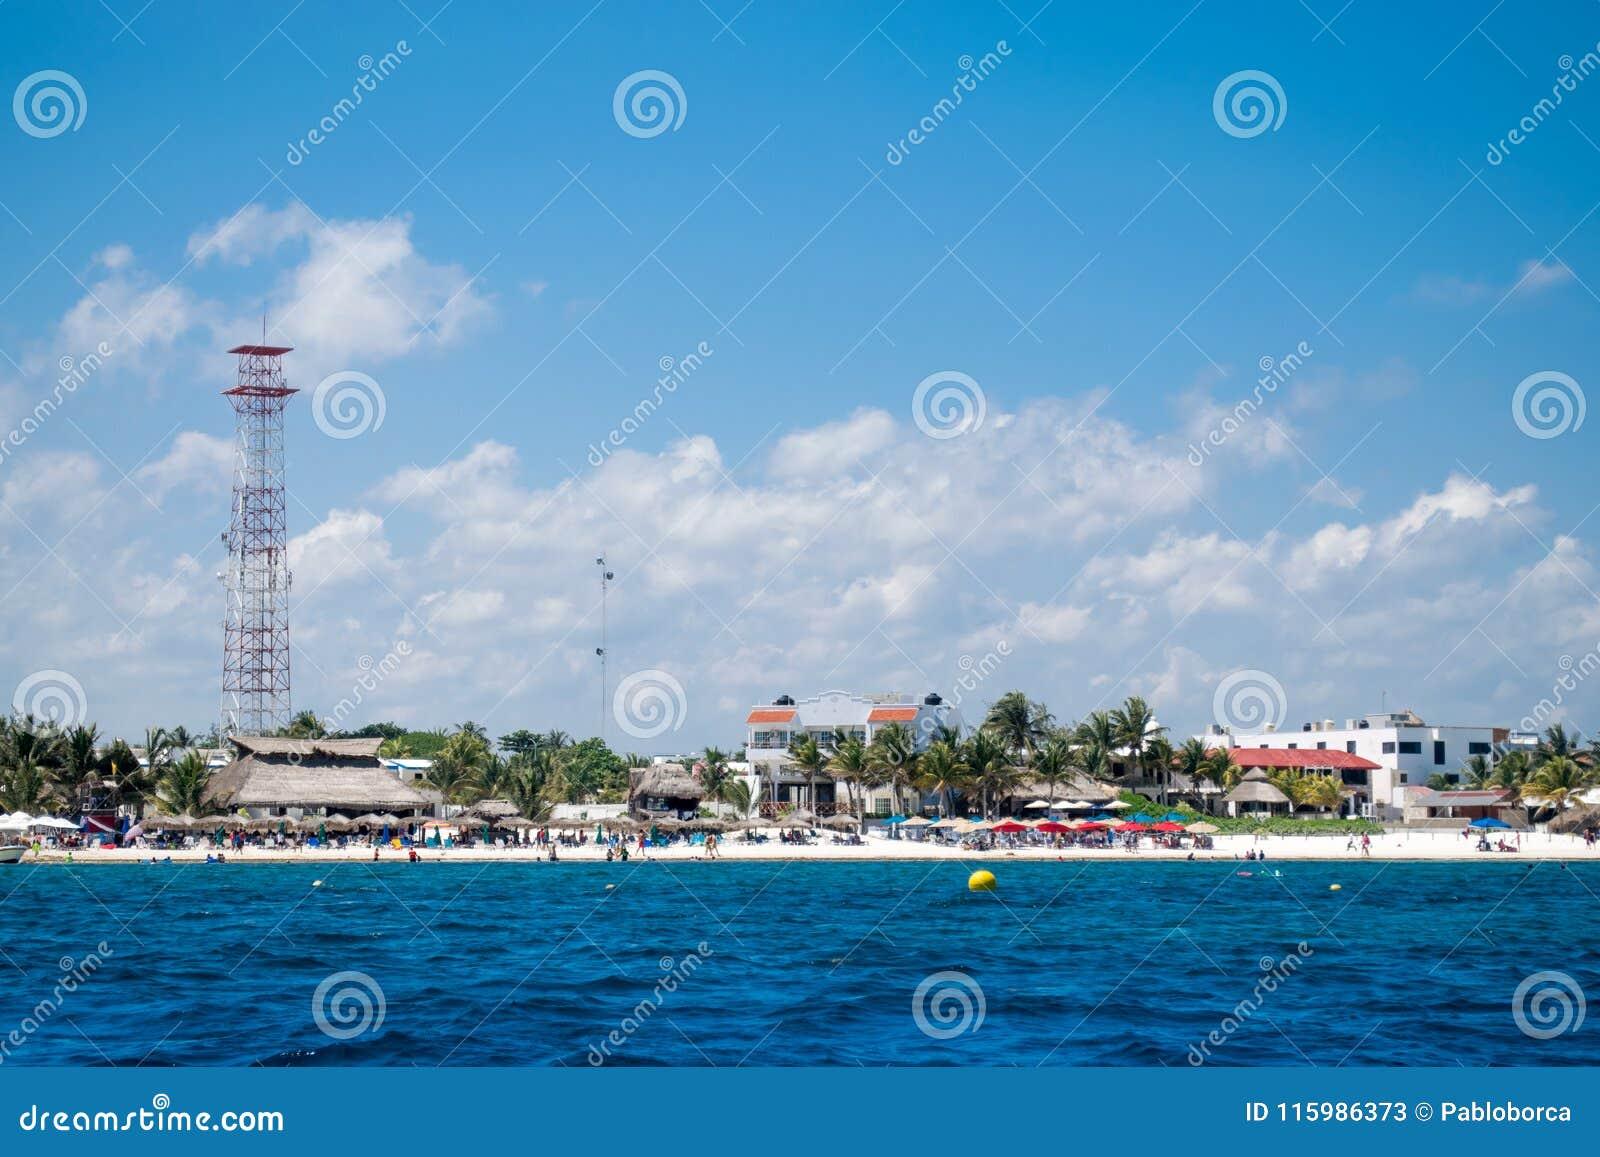 Puerto Morelos kust i Riviera Maya